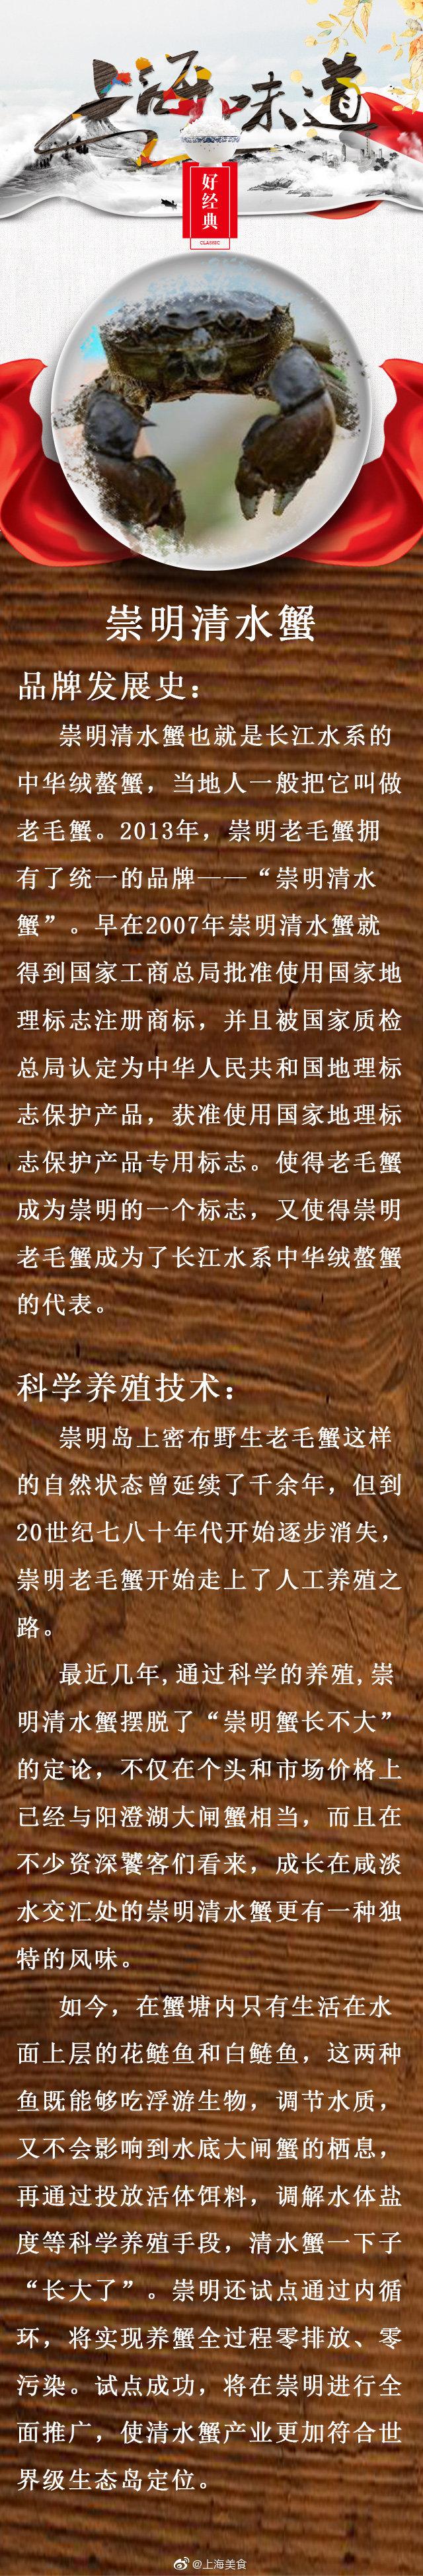 清蒸大闸蟹食材PK结果公布,一起了解美食背后的故事